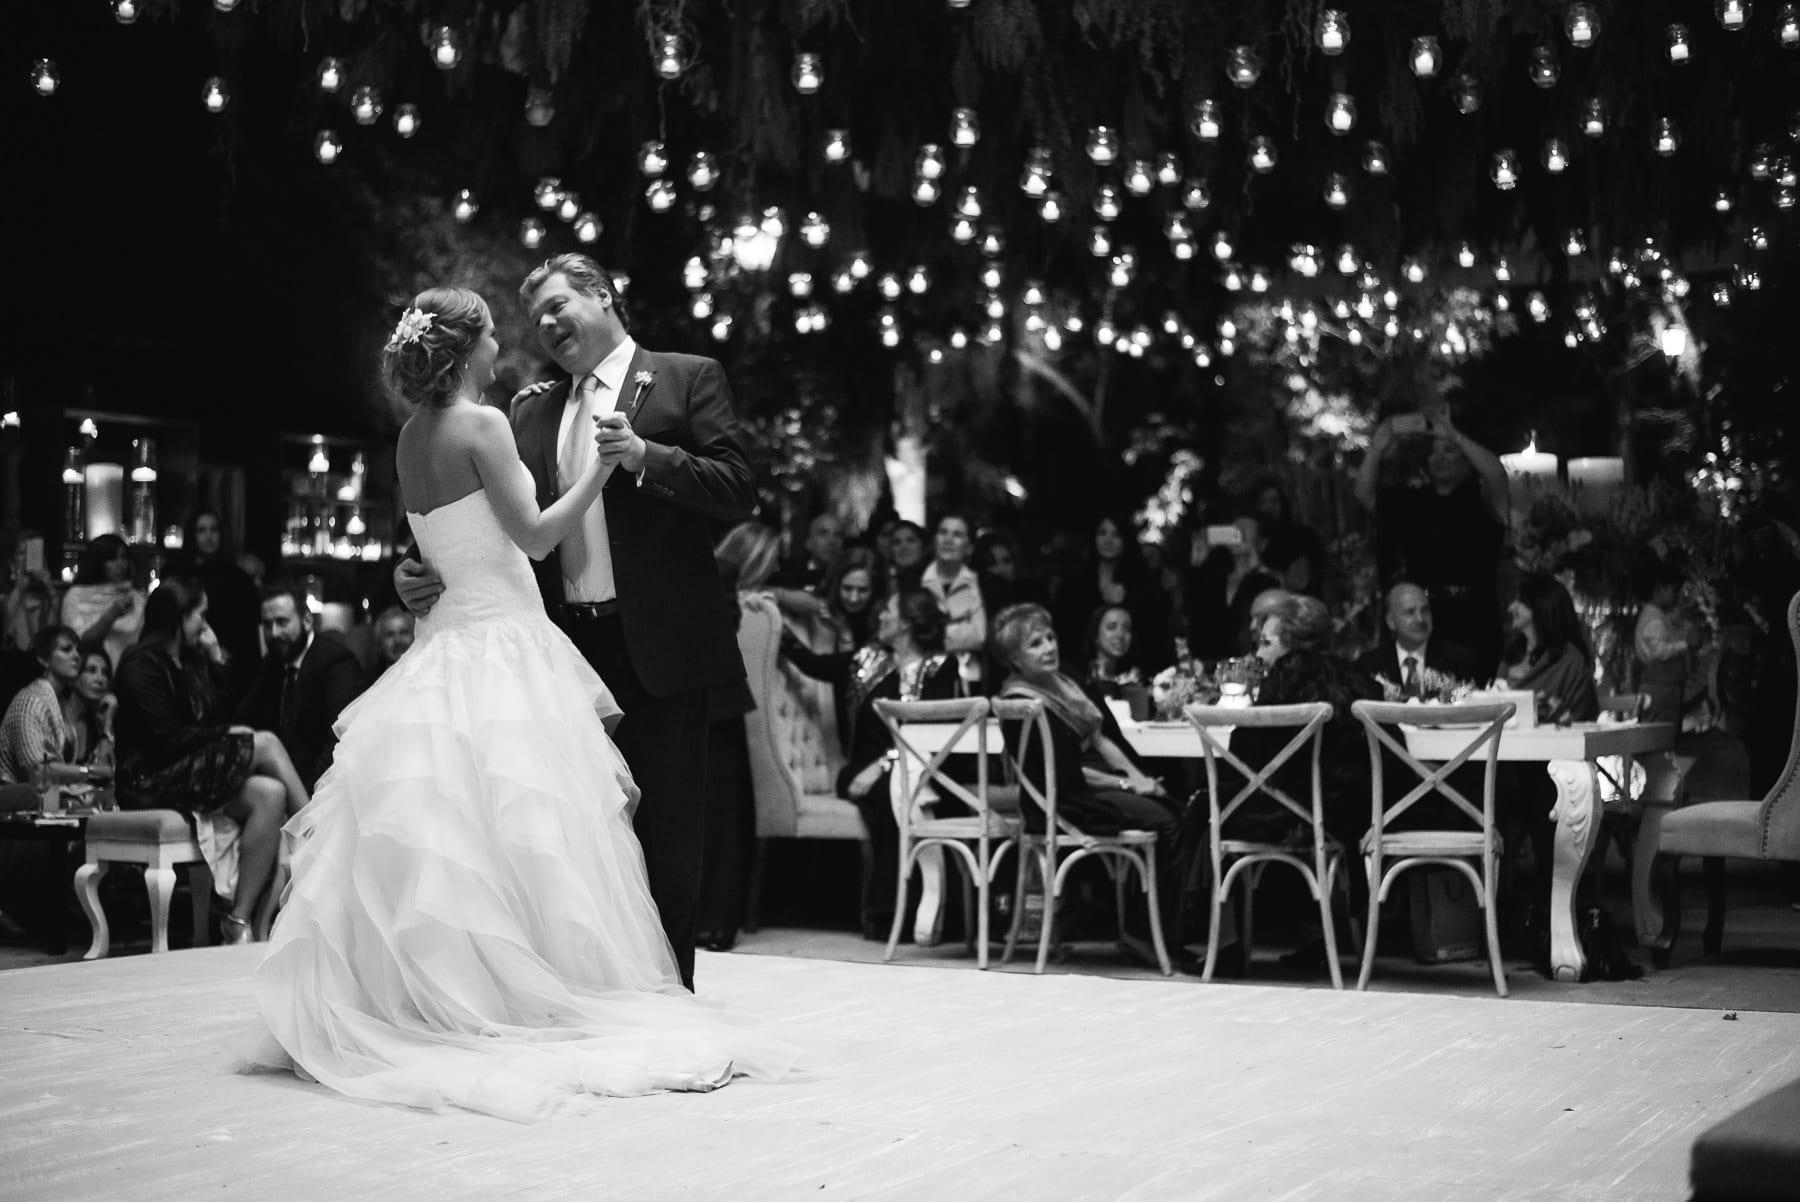 fotografo-de-bodas-en-queretaro-56